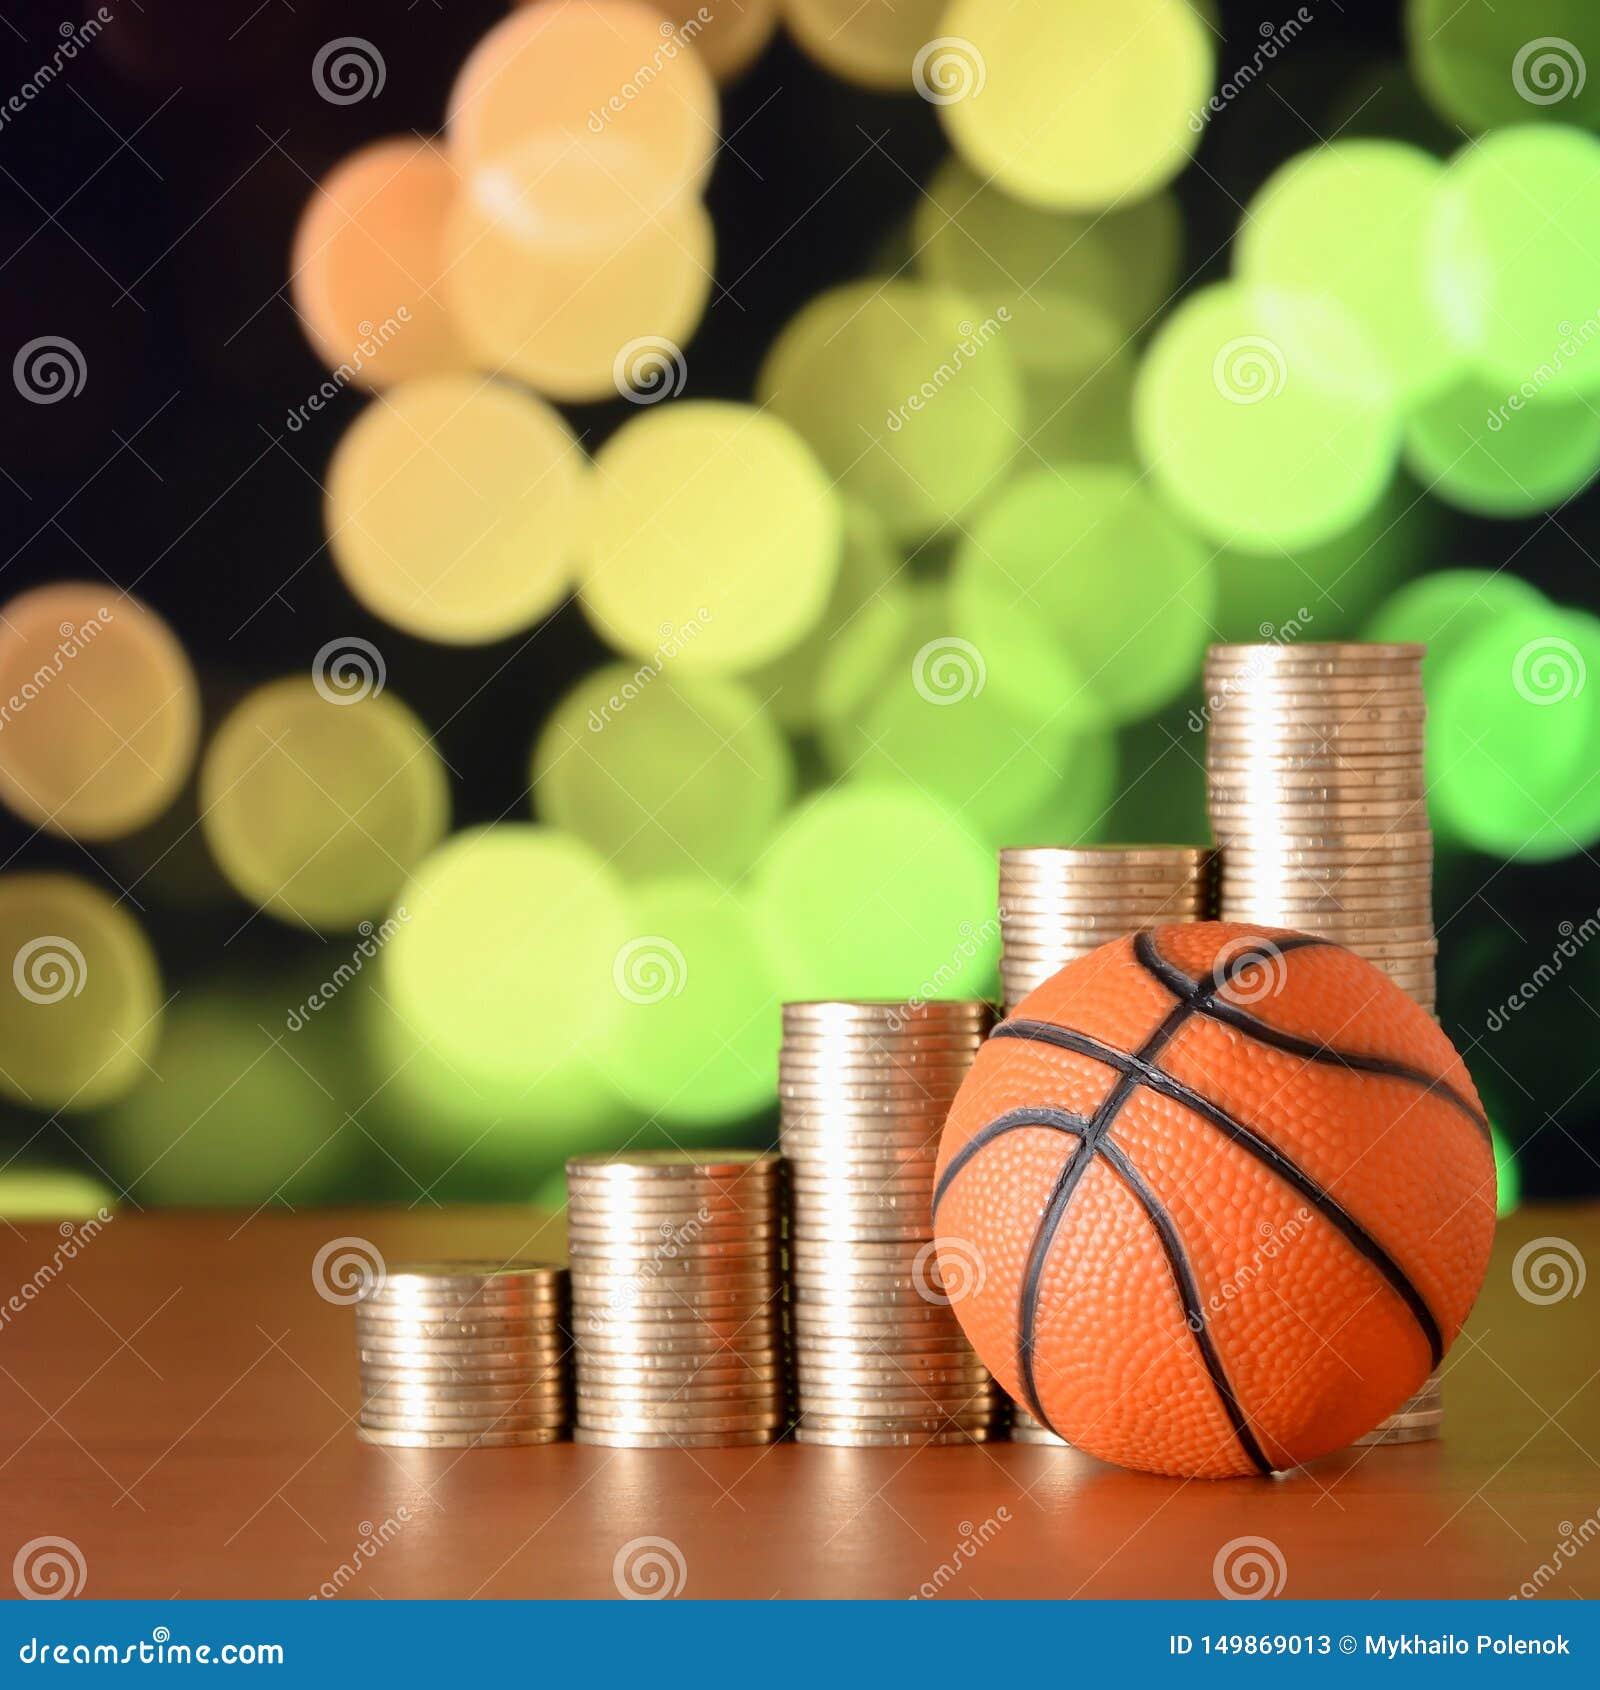 arenabetting basket